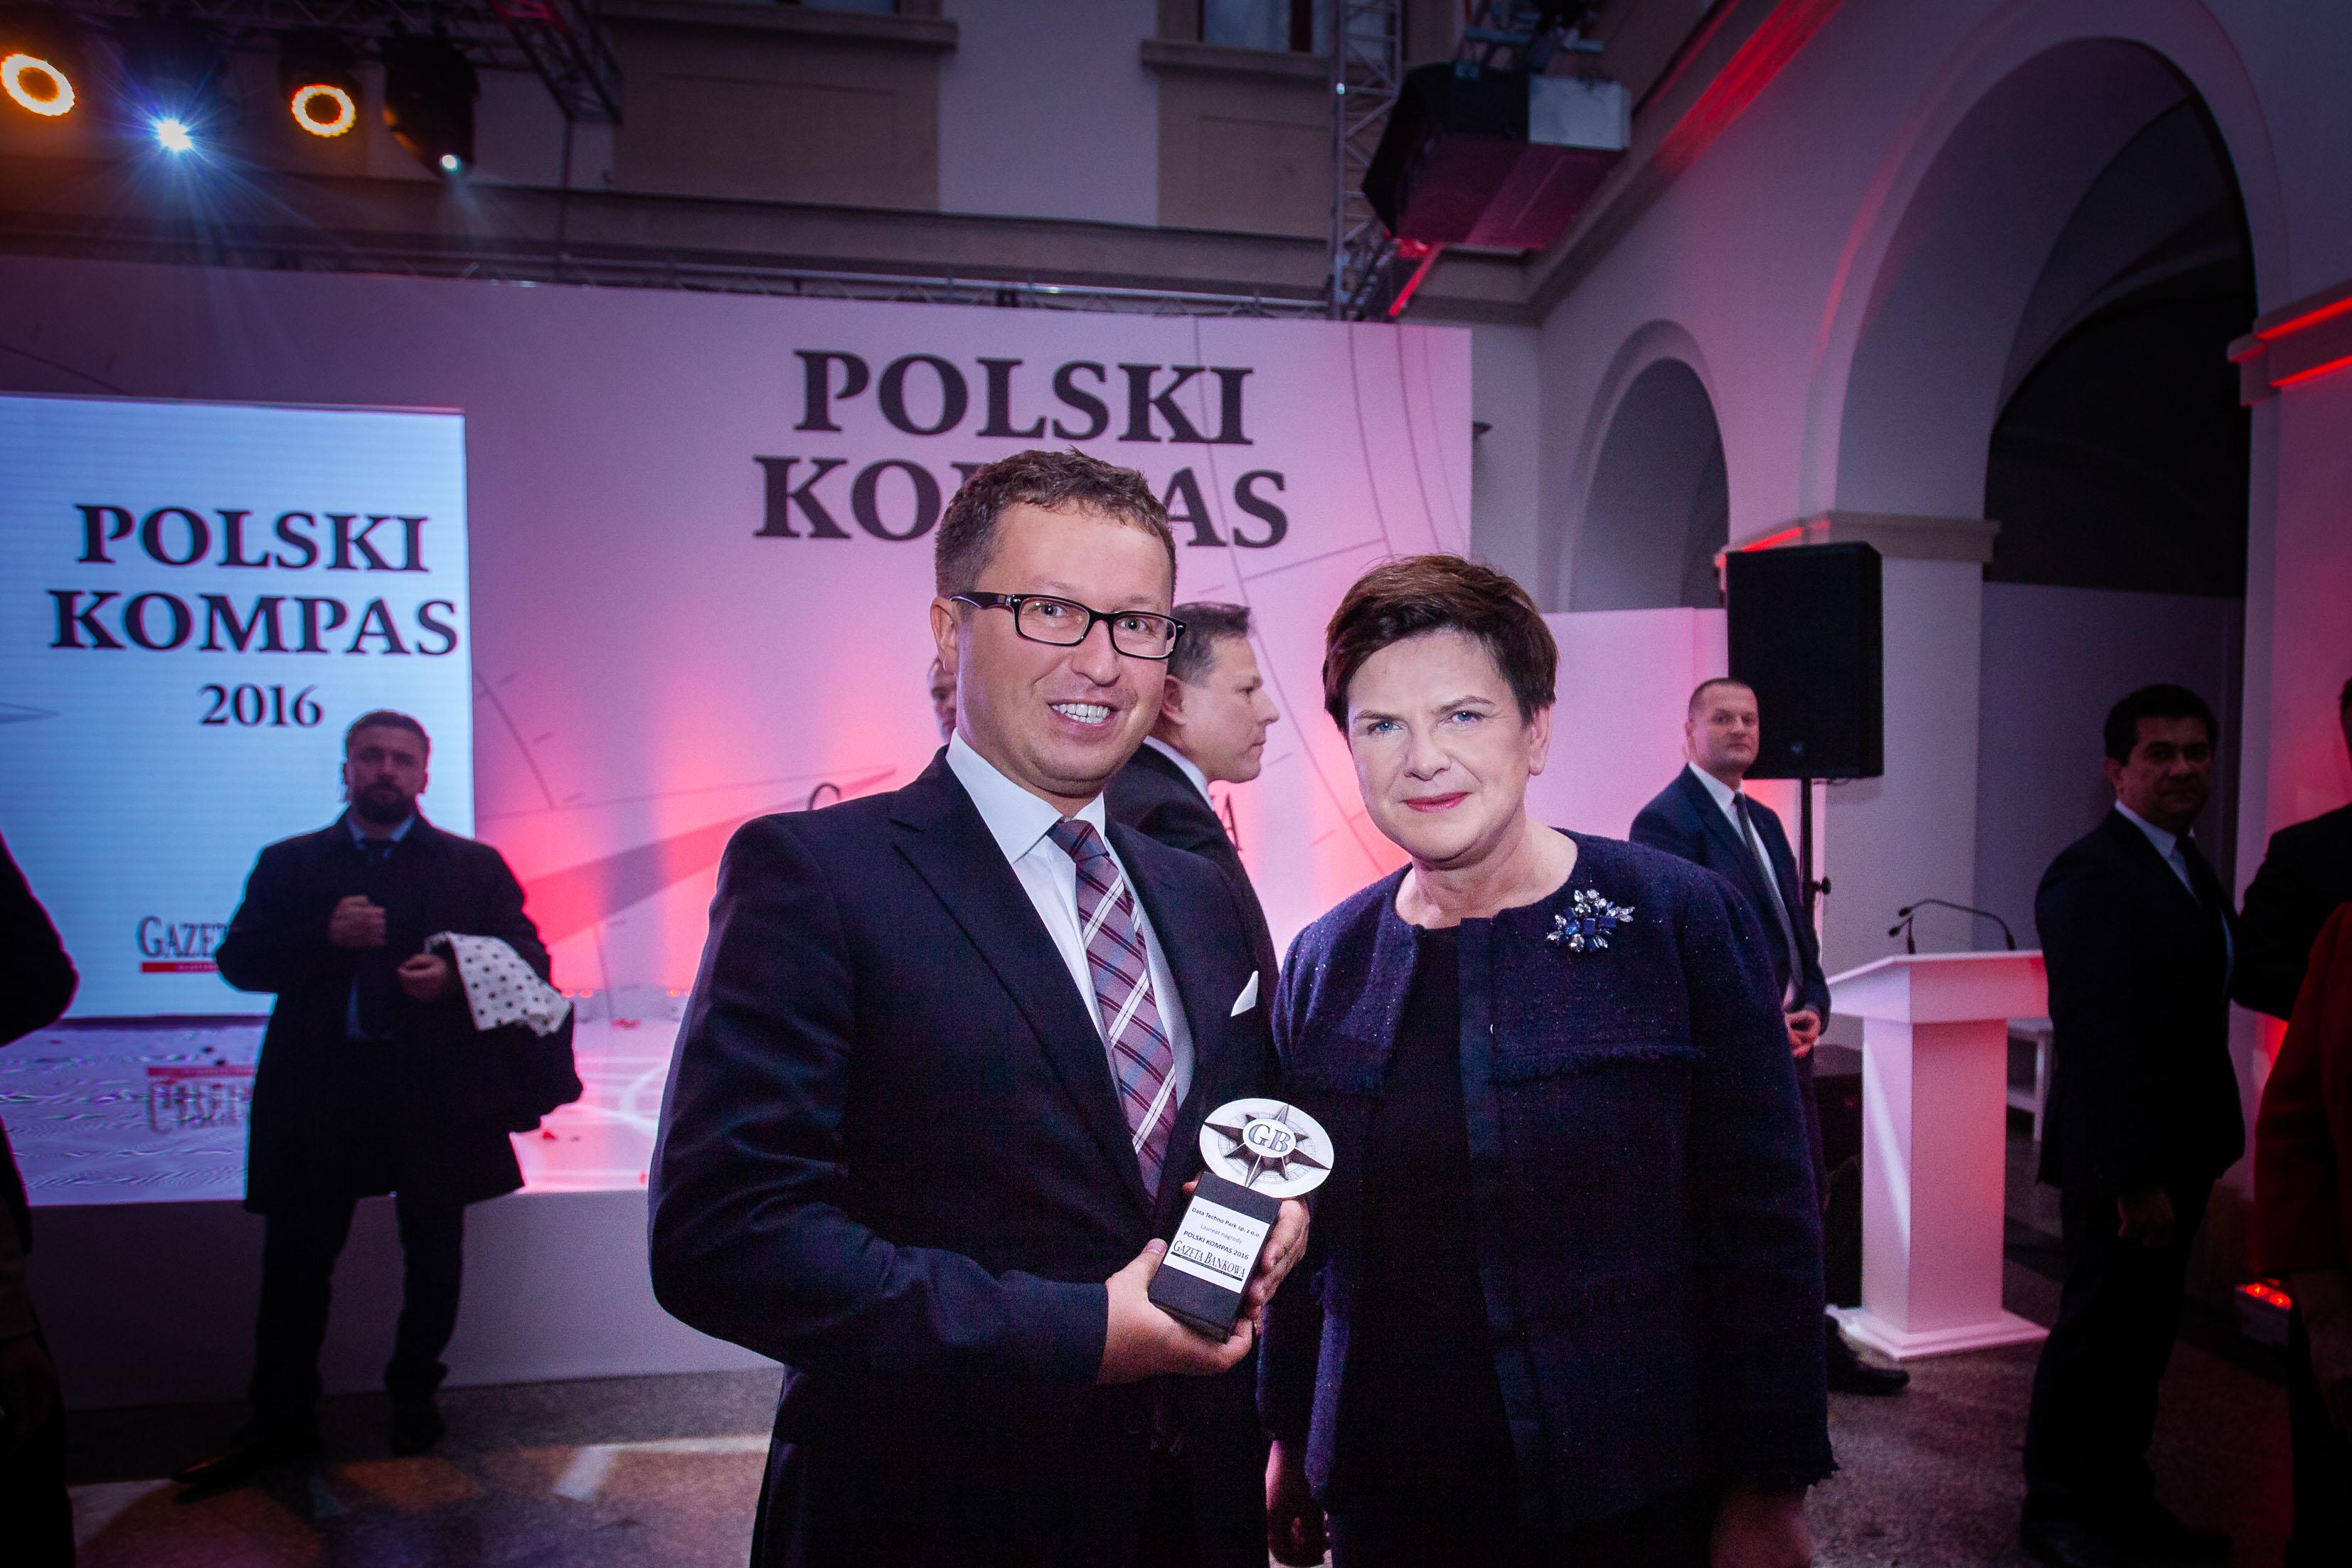 Warszawa 18.10.2015  Polski Kompas Zamek Ujazdowski fot.Julita Szewczyk